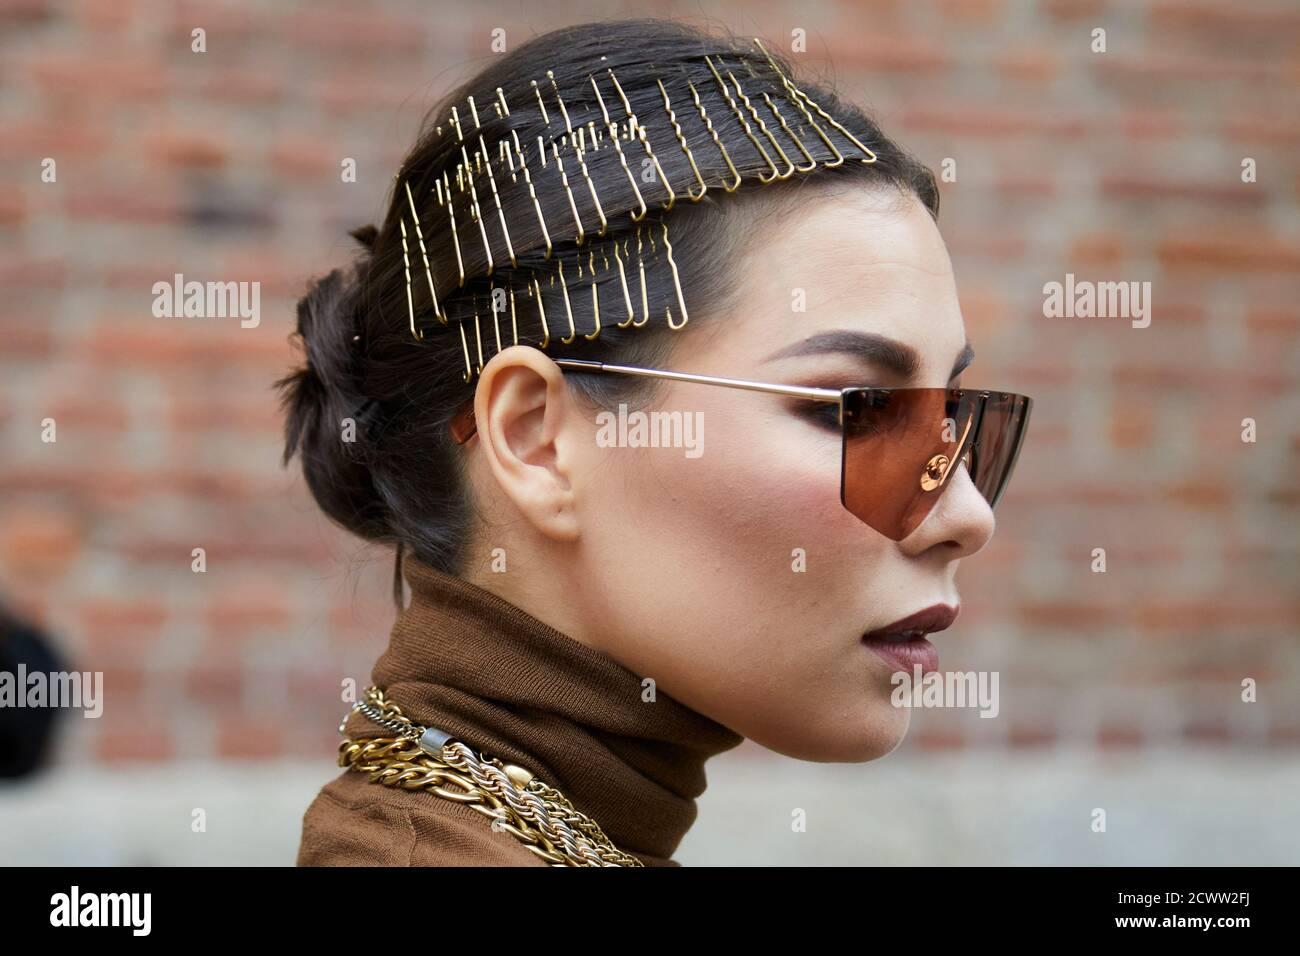 MILAN, ITALIE - 24 SEPTEMBRE 2020: Femme avec la coiffure avec des agrafes de cheveux d'or avant Max Mara défilé de mode, Milan Fashion week Street style Banque D'Images